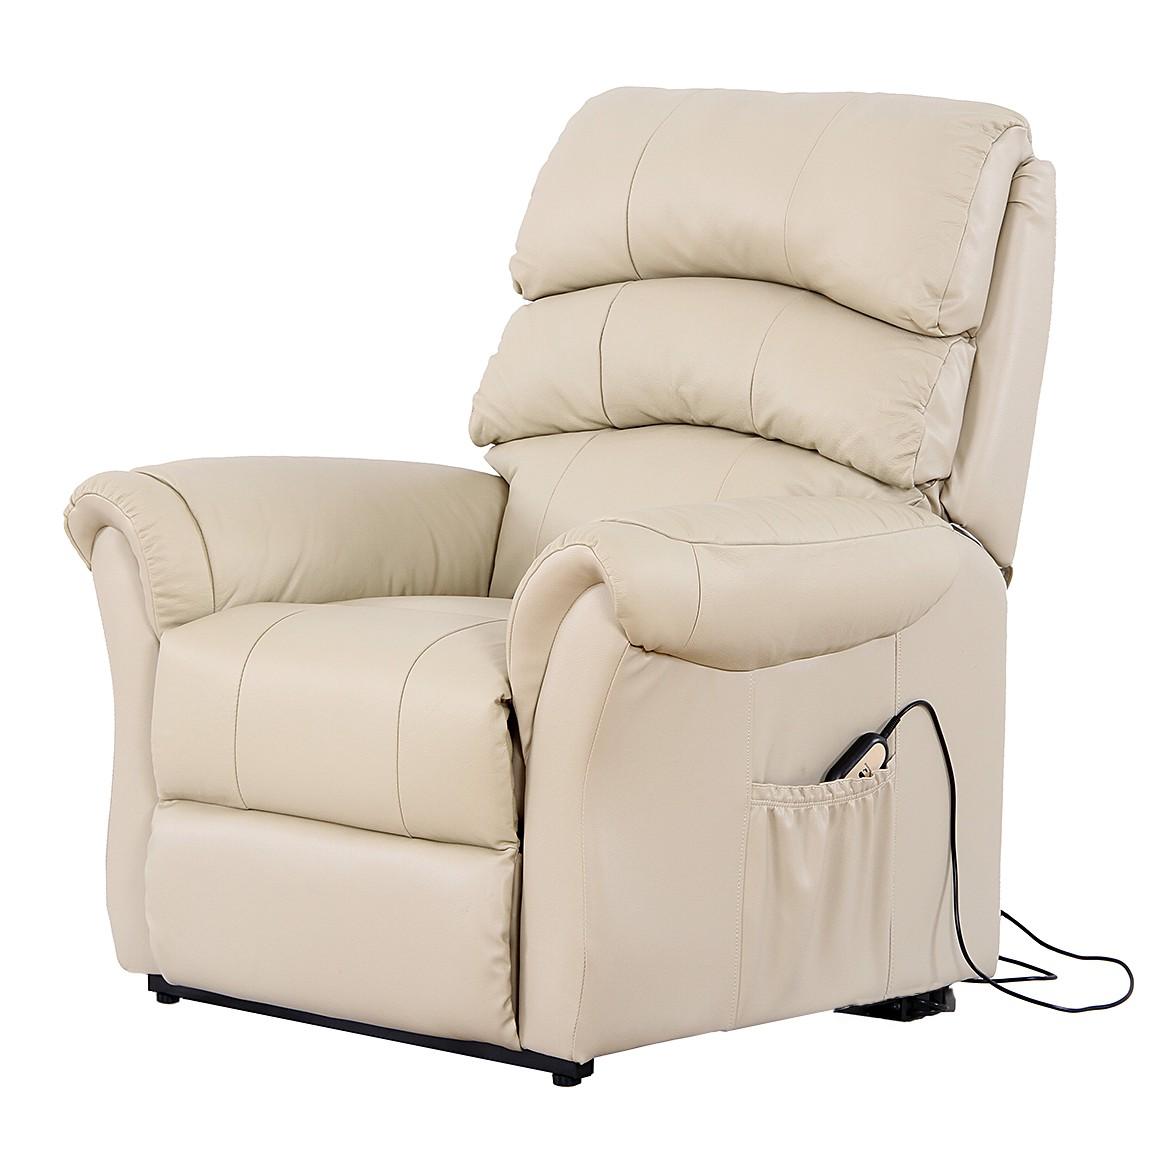 fernsehsessel echtleder. Black Bedroom Furniture Sets. Home Design Ideas